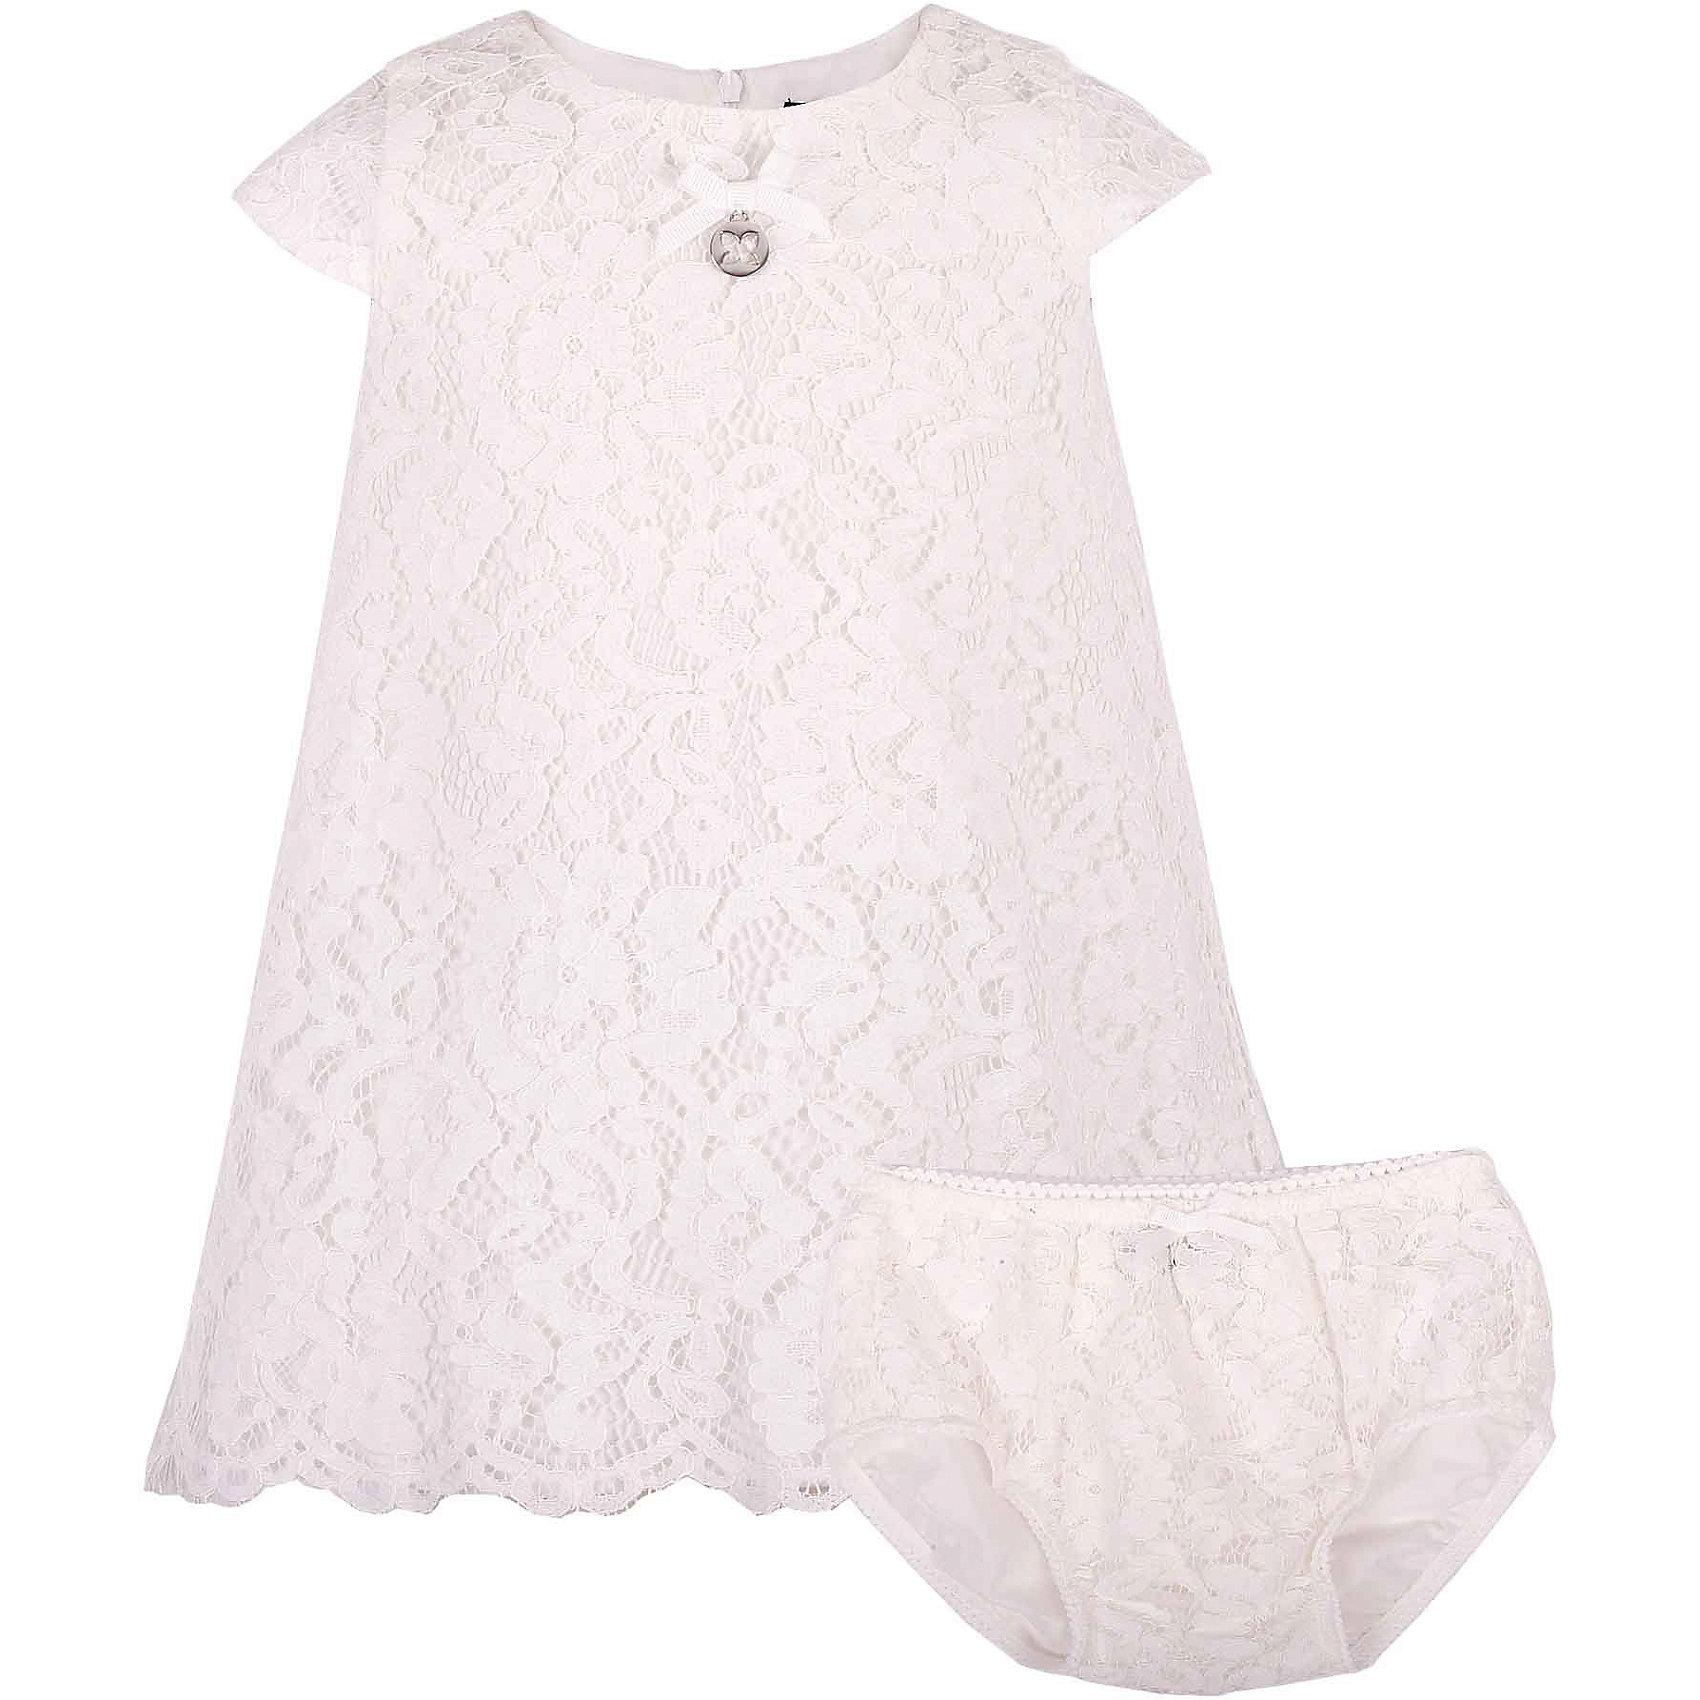 Комплект: платье и шорты для девочки GulliverПлатья<br>В сезоне Весна/Лето 2017 кружево не только не сдает своих позиций, а, напротив, набирает обороты. Белое кружевное платье из коллекции Акварель - олицетворение благородства и чистоты. Это платье отлично впишется в летний гардероб малышки, не нарушив ее комфорта.  Если вы предпочитаете иметь в гардеробе девочки хотя бы одну стильную нарядную вещь, вам стоит купить платье из коллекции Акварель и вашему ребенку гарантирован образ юной принцессы с хорошим вкусом и благородными манерами. Завершат образ малышки очаровательные кружевные трусы, скрывающие подгузник.<br>Состав:<br> 100% хлопок/ 100% полиэстер<br><br>Ширина мм: 191<br>Глубина мм: 10<br>Высота мм: 175<br>Вес г: 273<br>Цвет: белый<br>Возраст от месяцев: 12<br>Возраст до месяцев: 18<br>Пол: Женский<br>Возраст: Детский<br>Размер: 86,80,80<br>SKU: 5483365